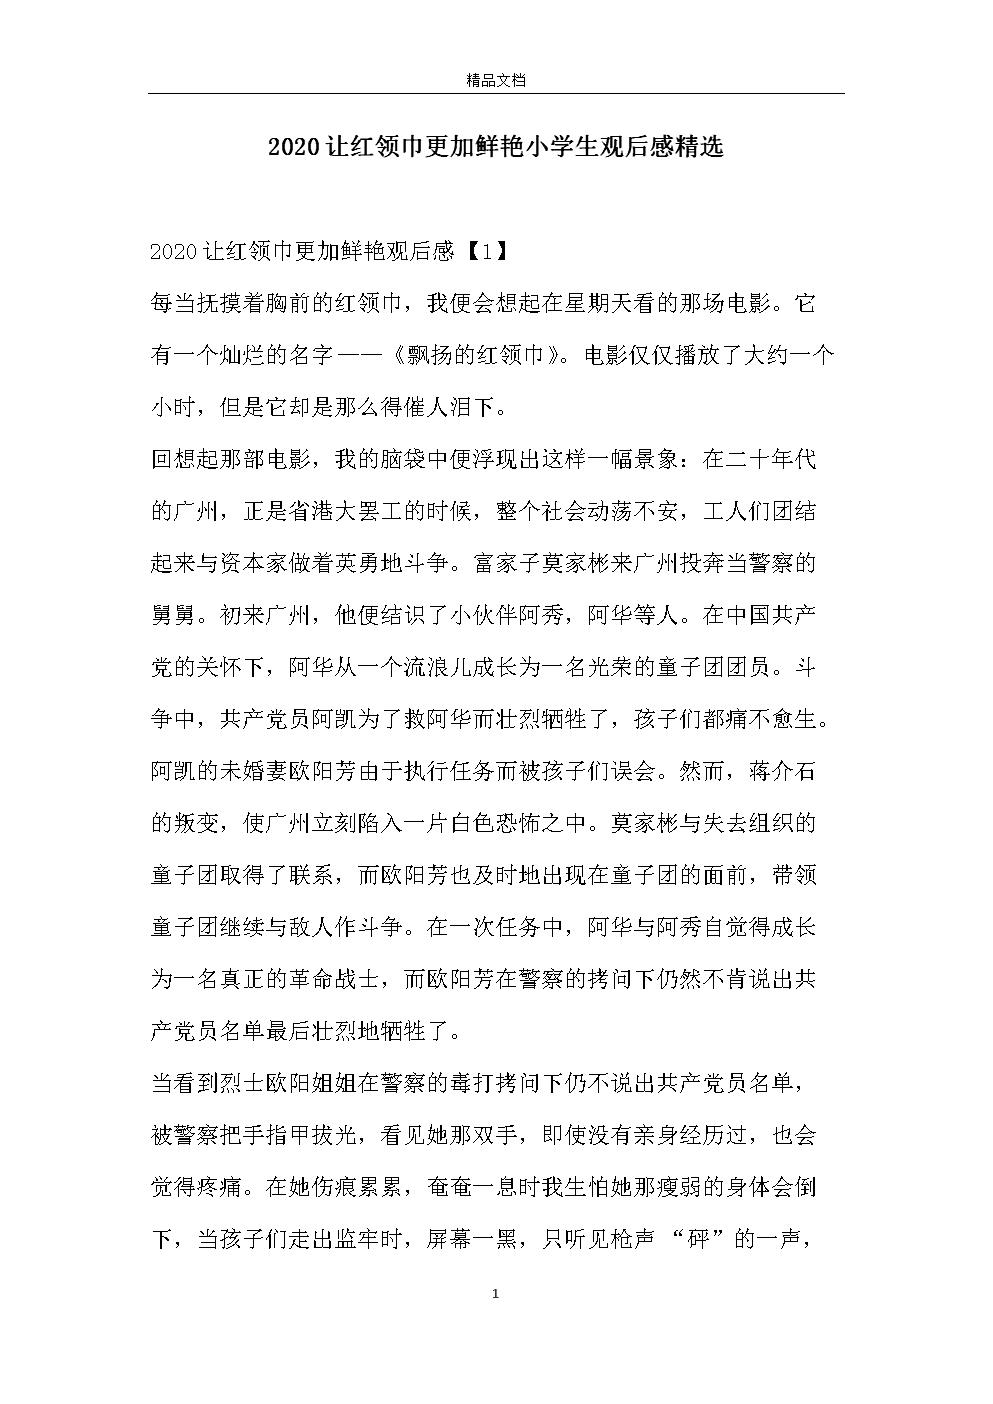 2020让红领巾更加鲜艳小学生观后感精选.docx